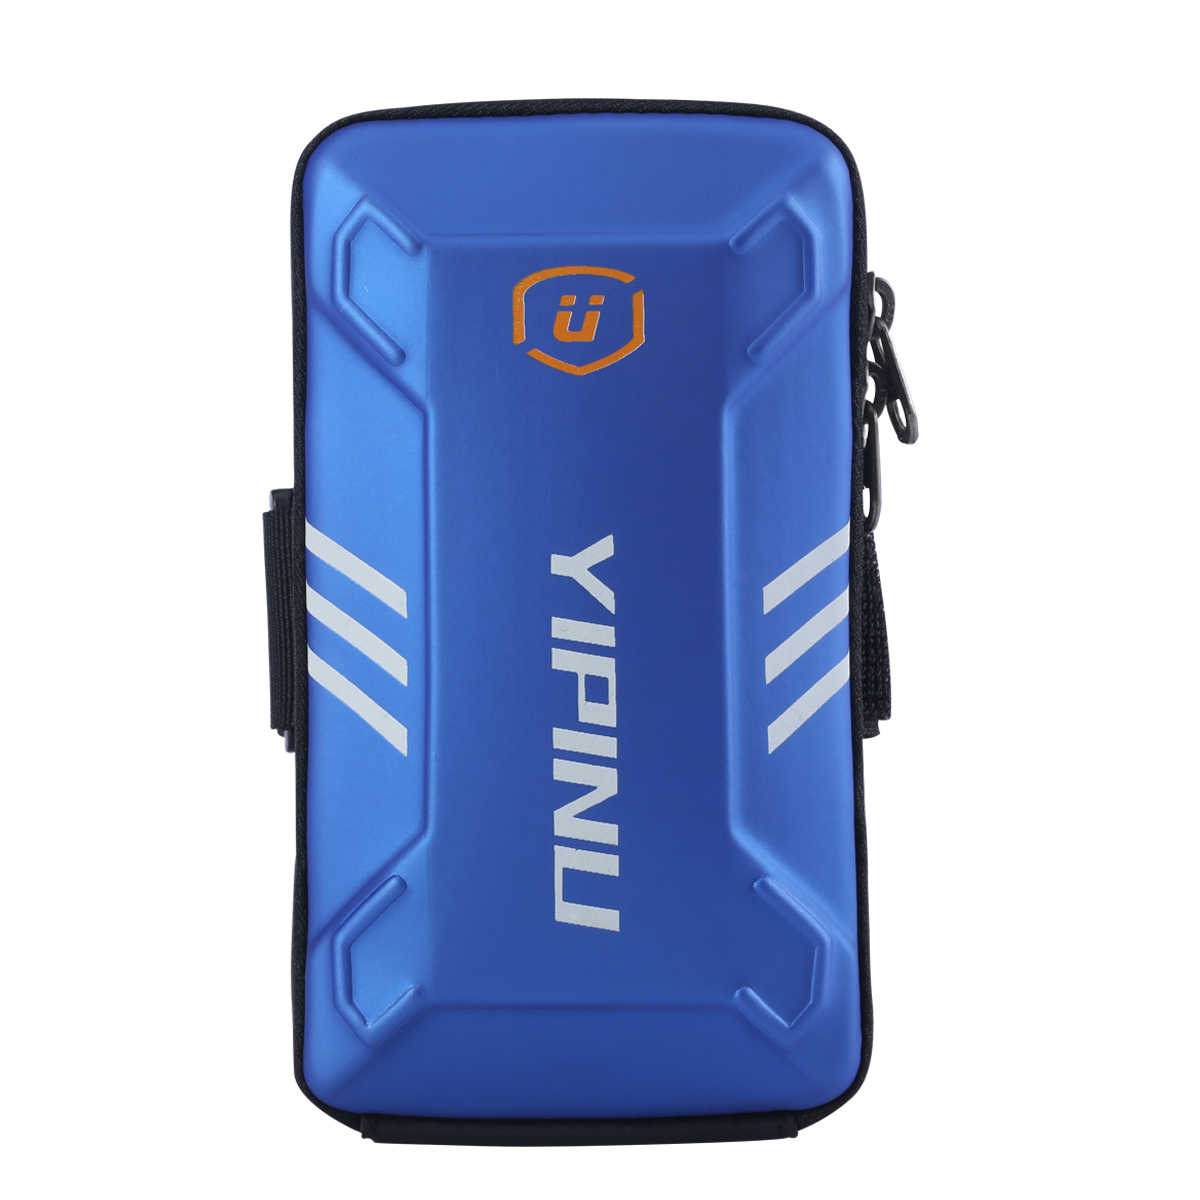 3d1b24947e73 Yipinu водостойкий маленький Фитнес Бег сумка кошелек для бега телефон  держатель кошелек повязки наручная сумка для